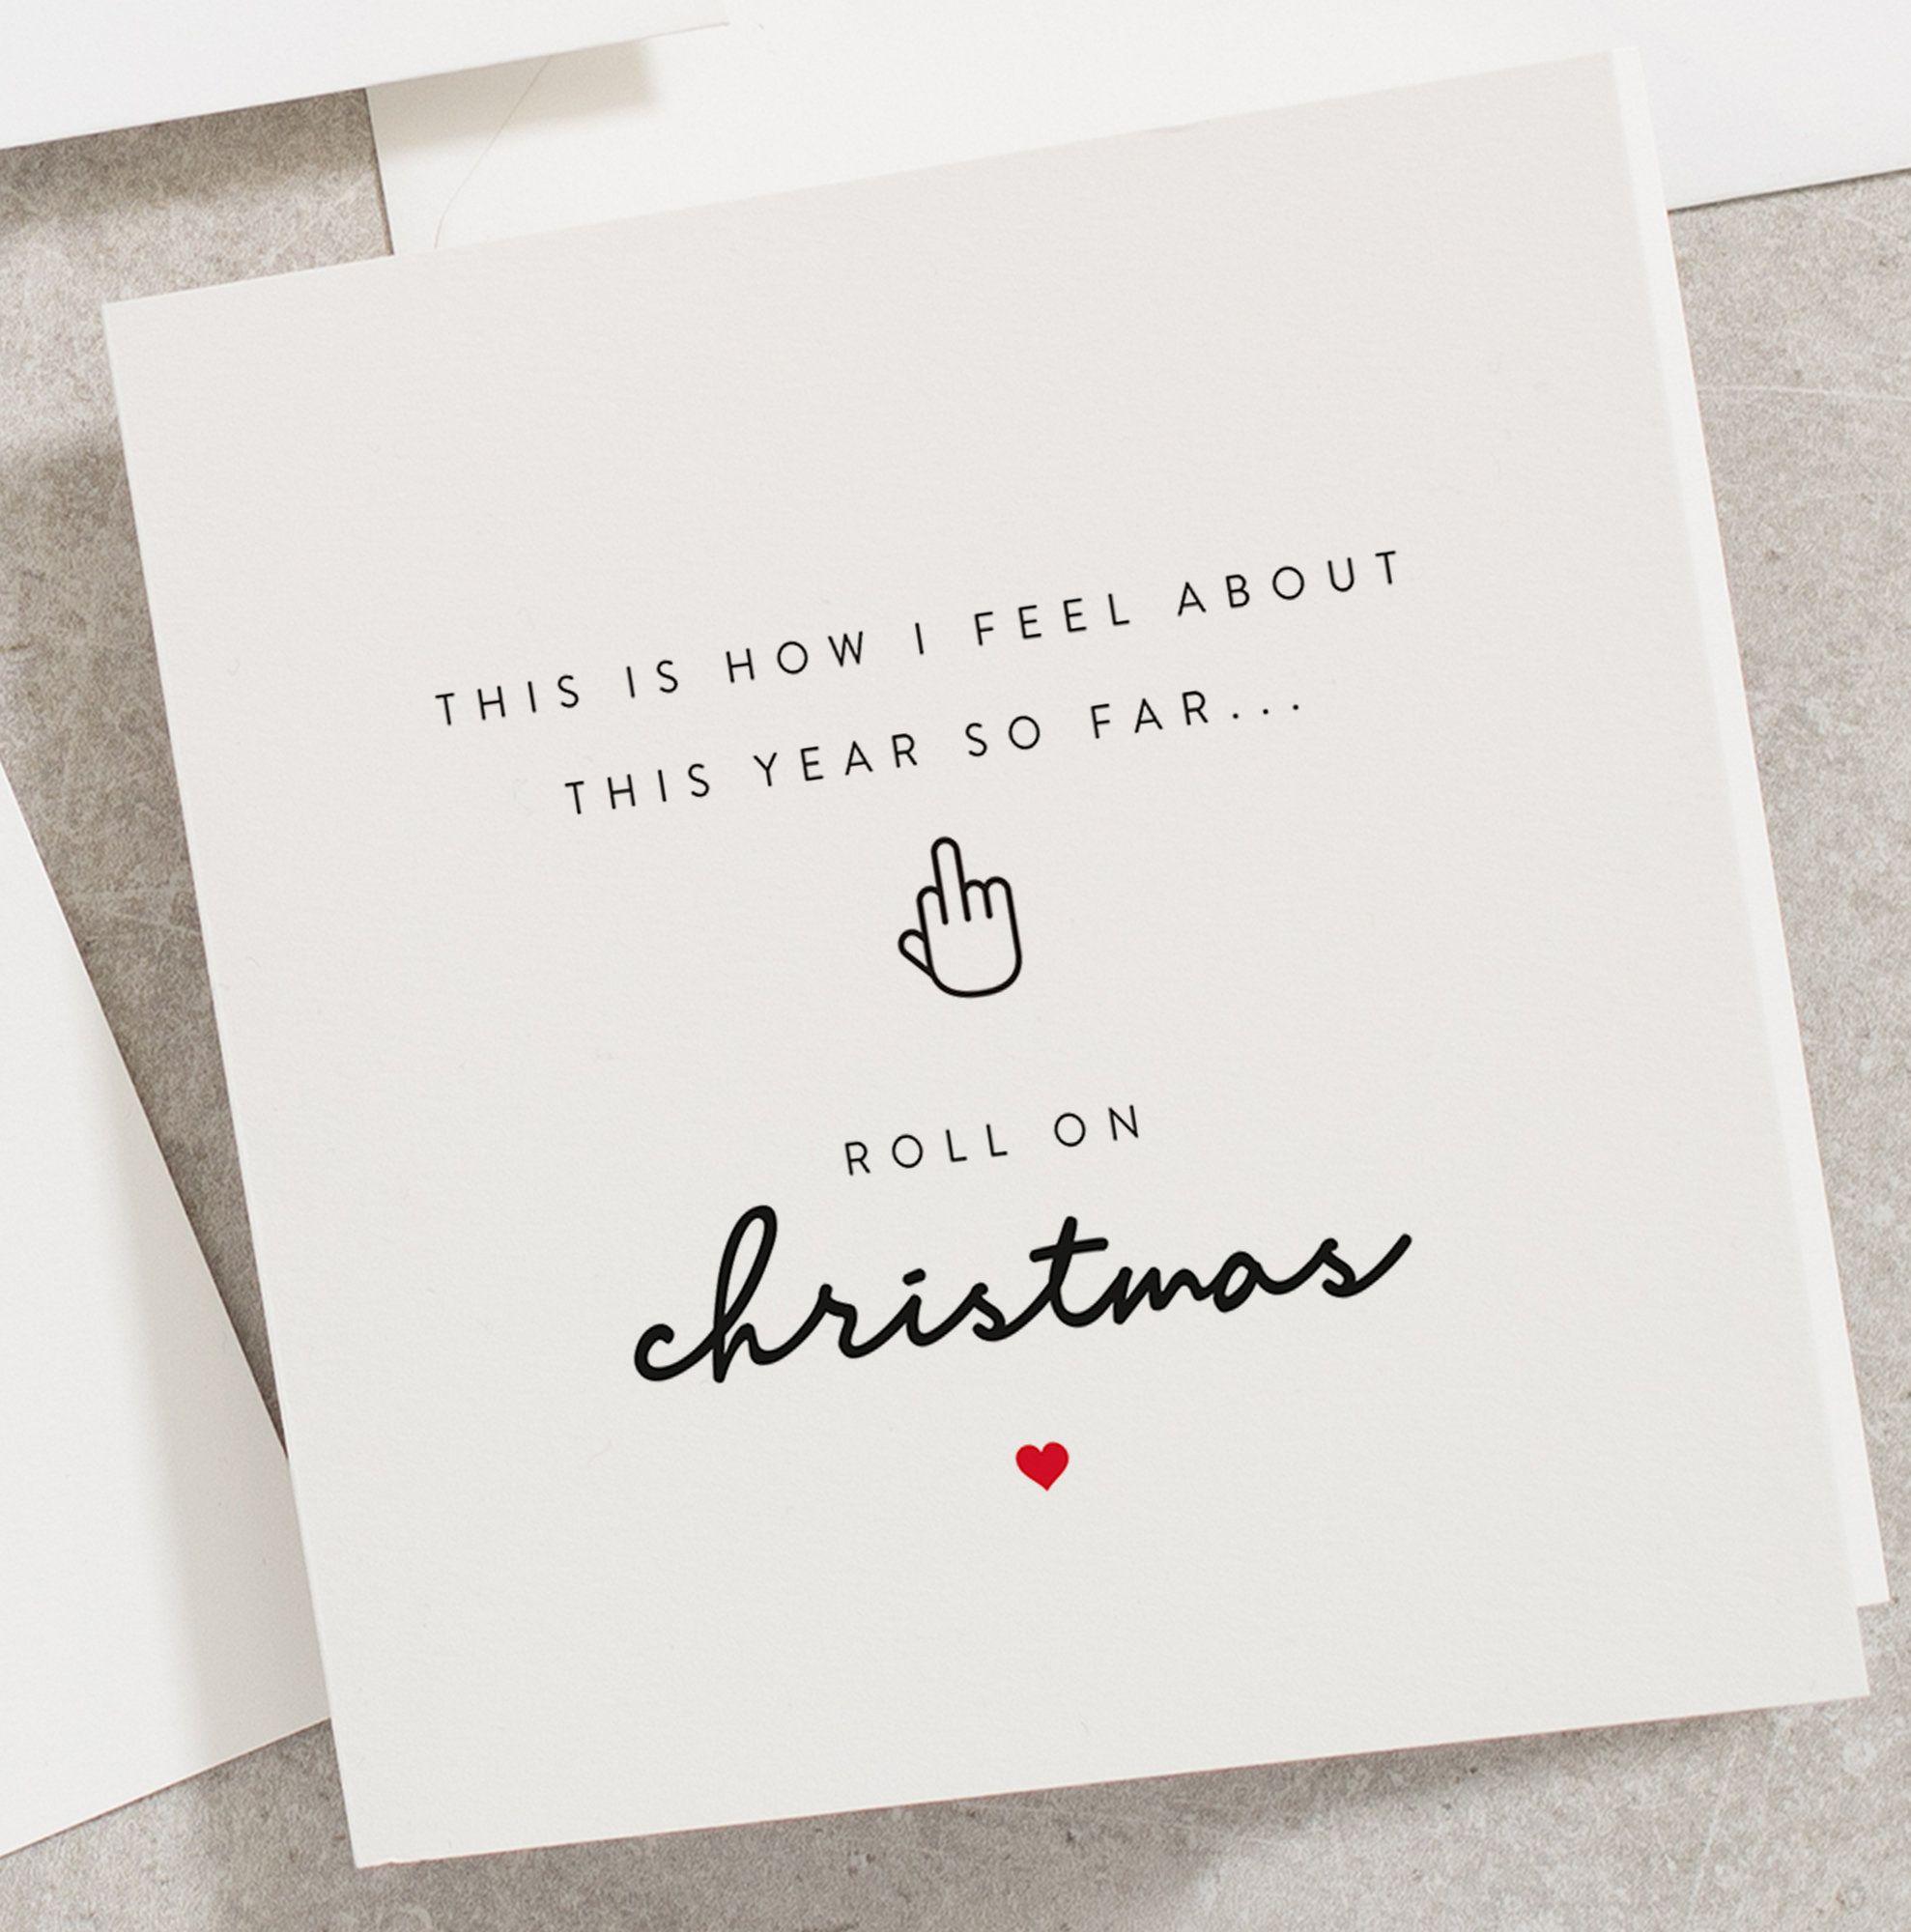 Funny Christmas Card Roll On Christmas 2020 Christmas Card Etsy Funny Christmas Cards Christmas Cards Christmas Humor